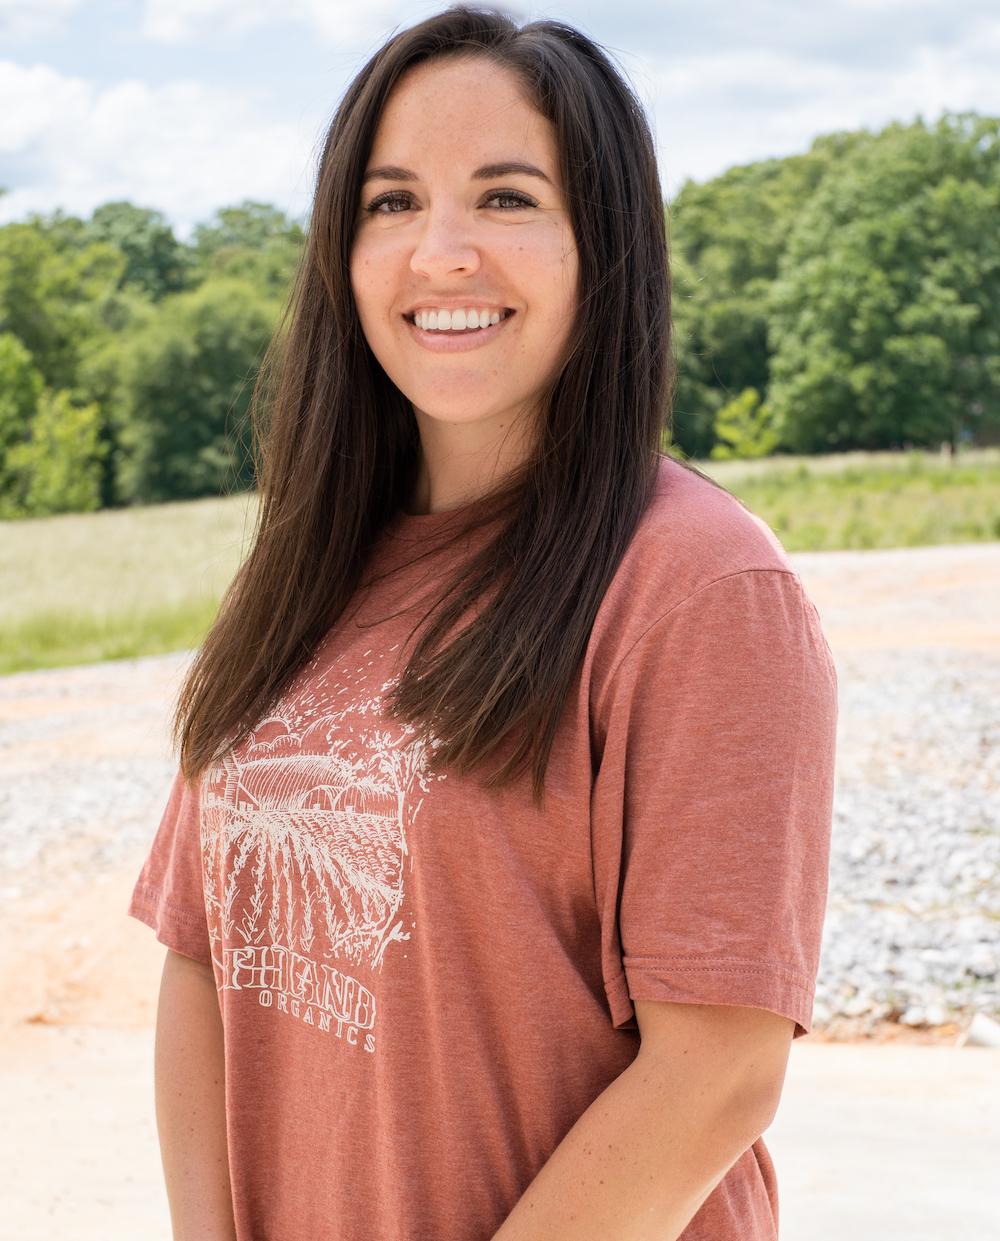 Haley Walters